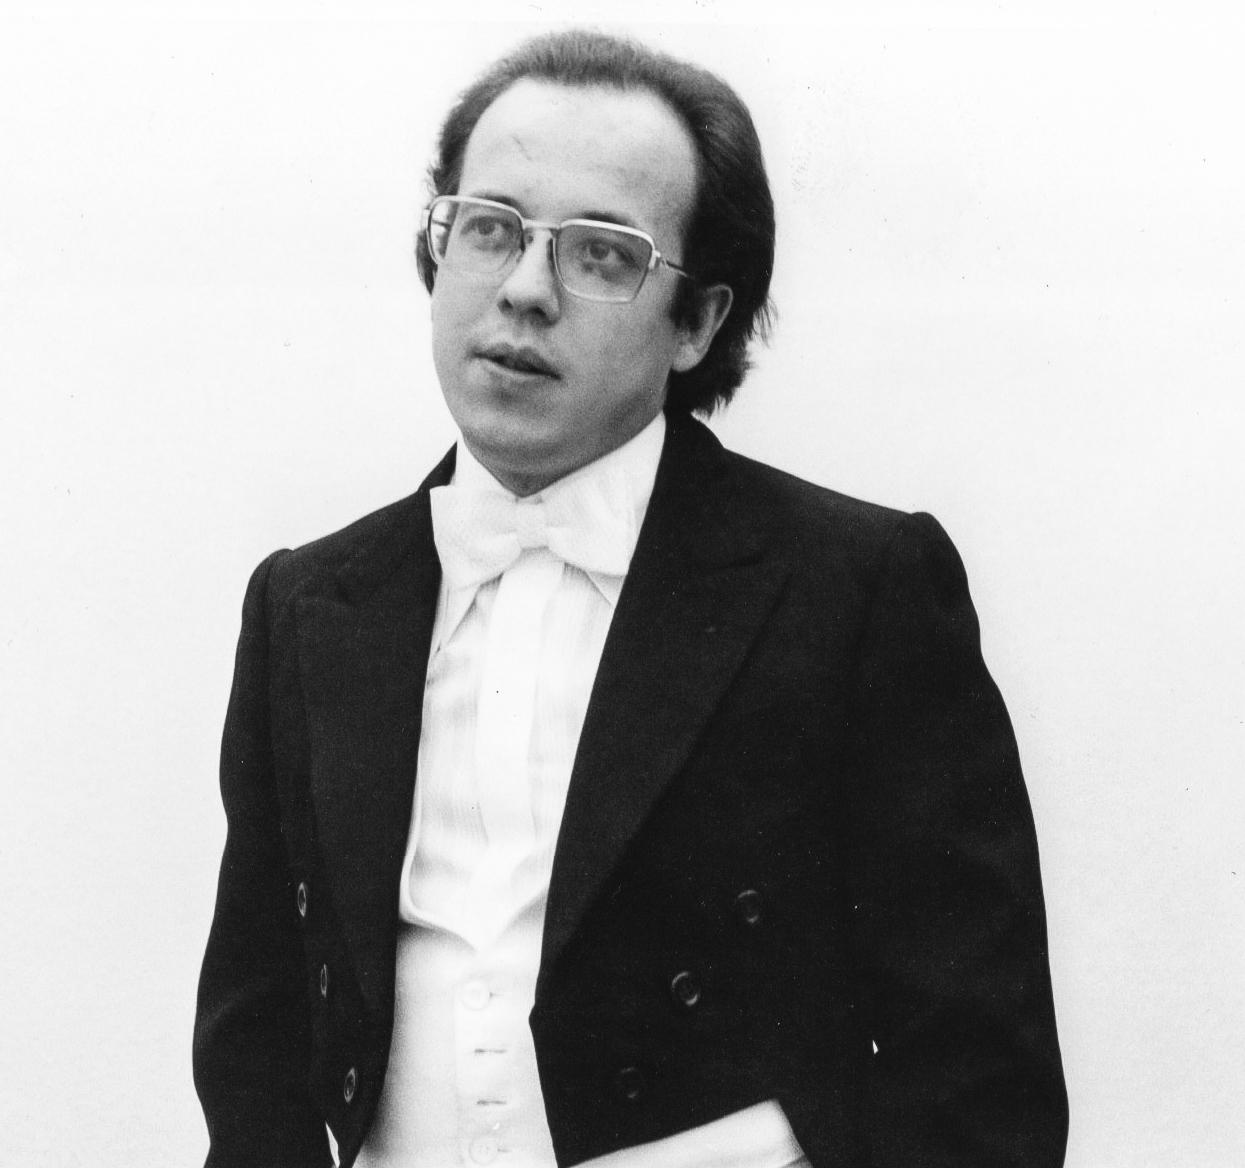 Carlos Elías